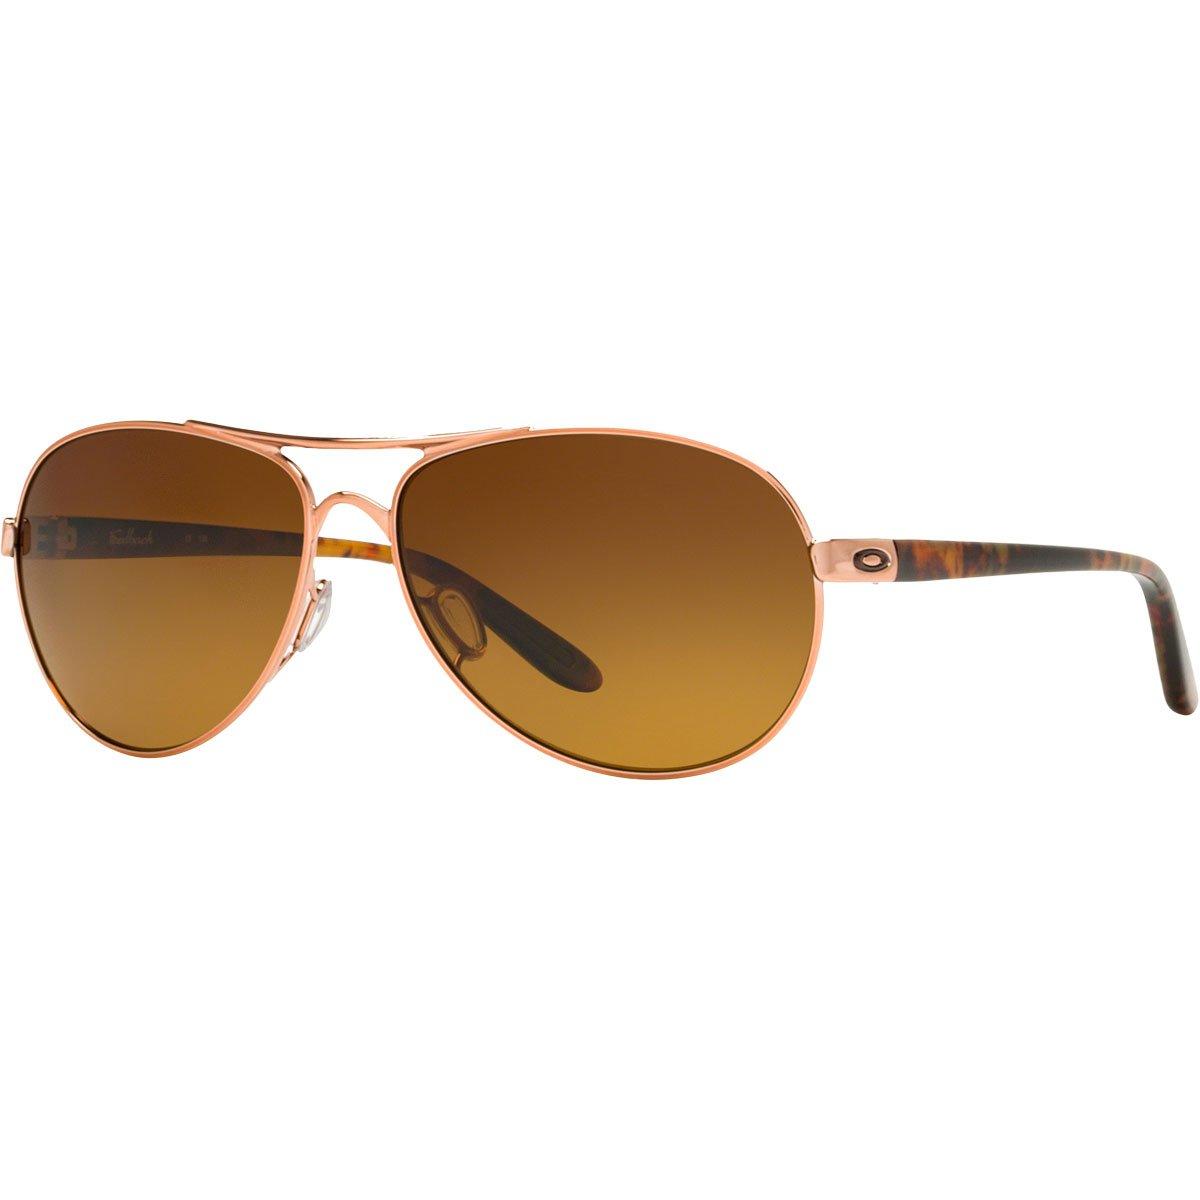 Oakley Women's OO4079 Feedback Aviator Metal Sunglasses, Rose Gold/Brown Gradient Polarized, 59 mm by Oakley